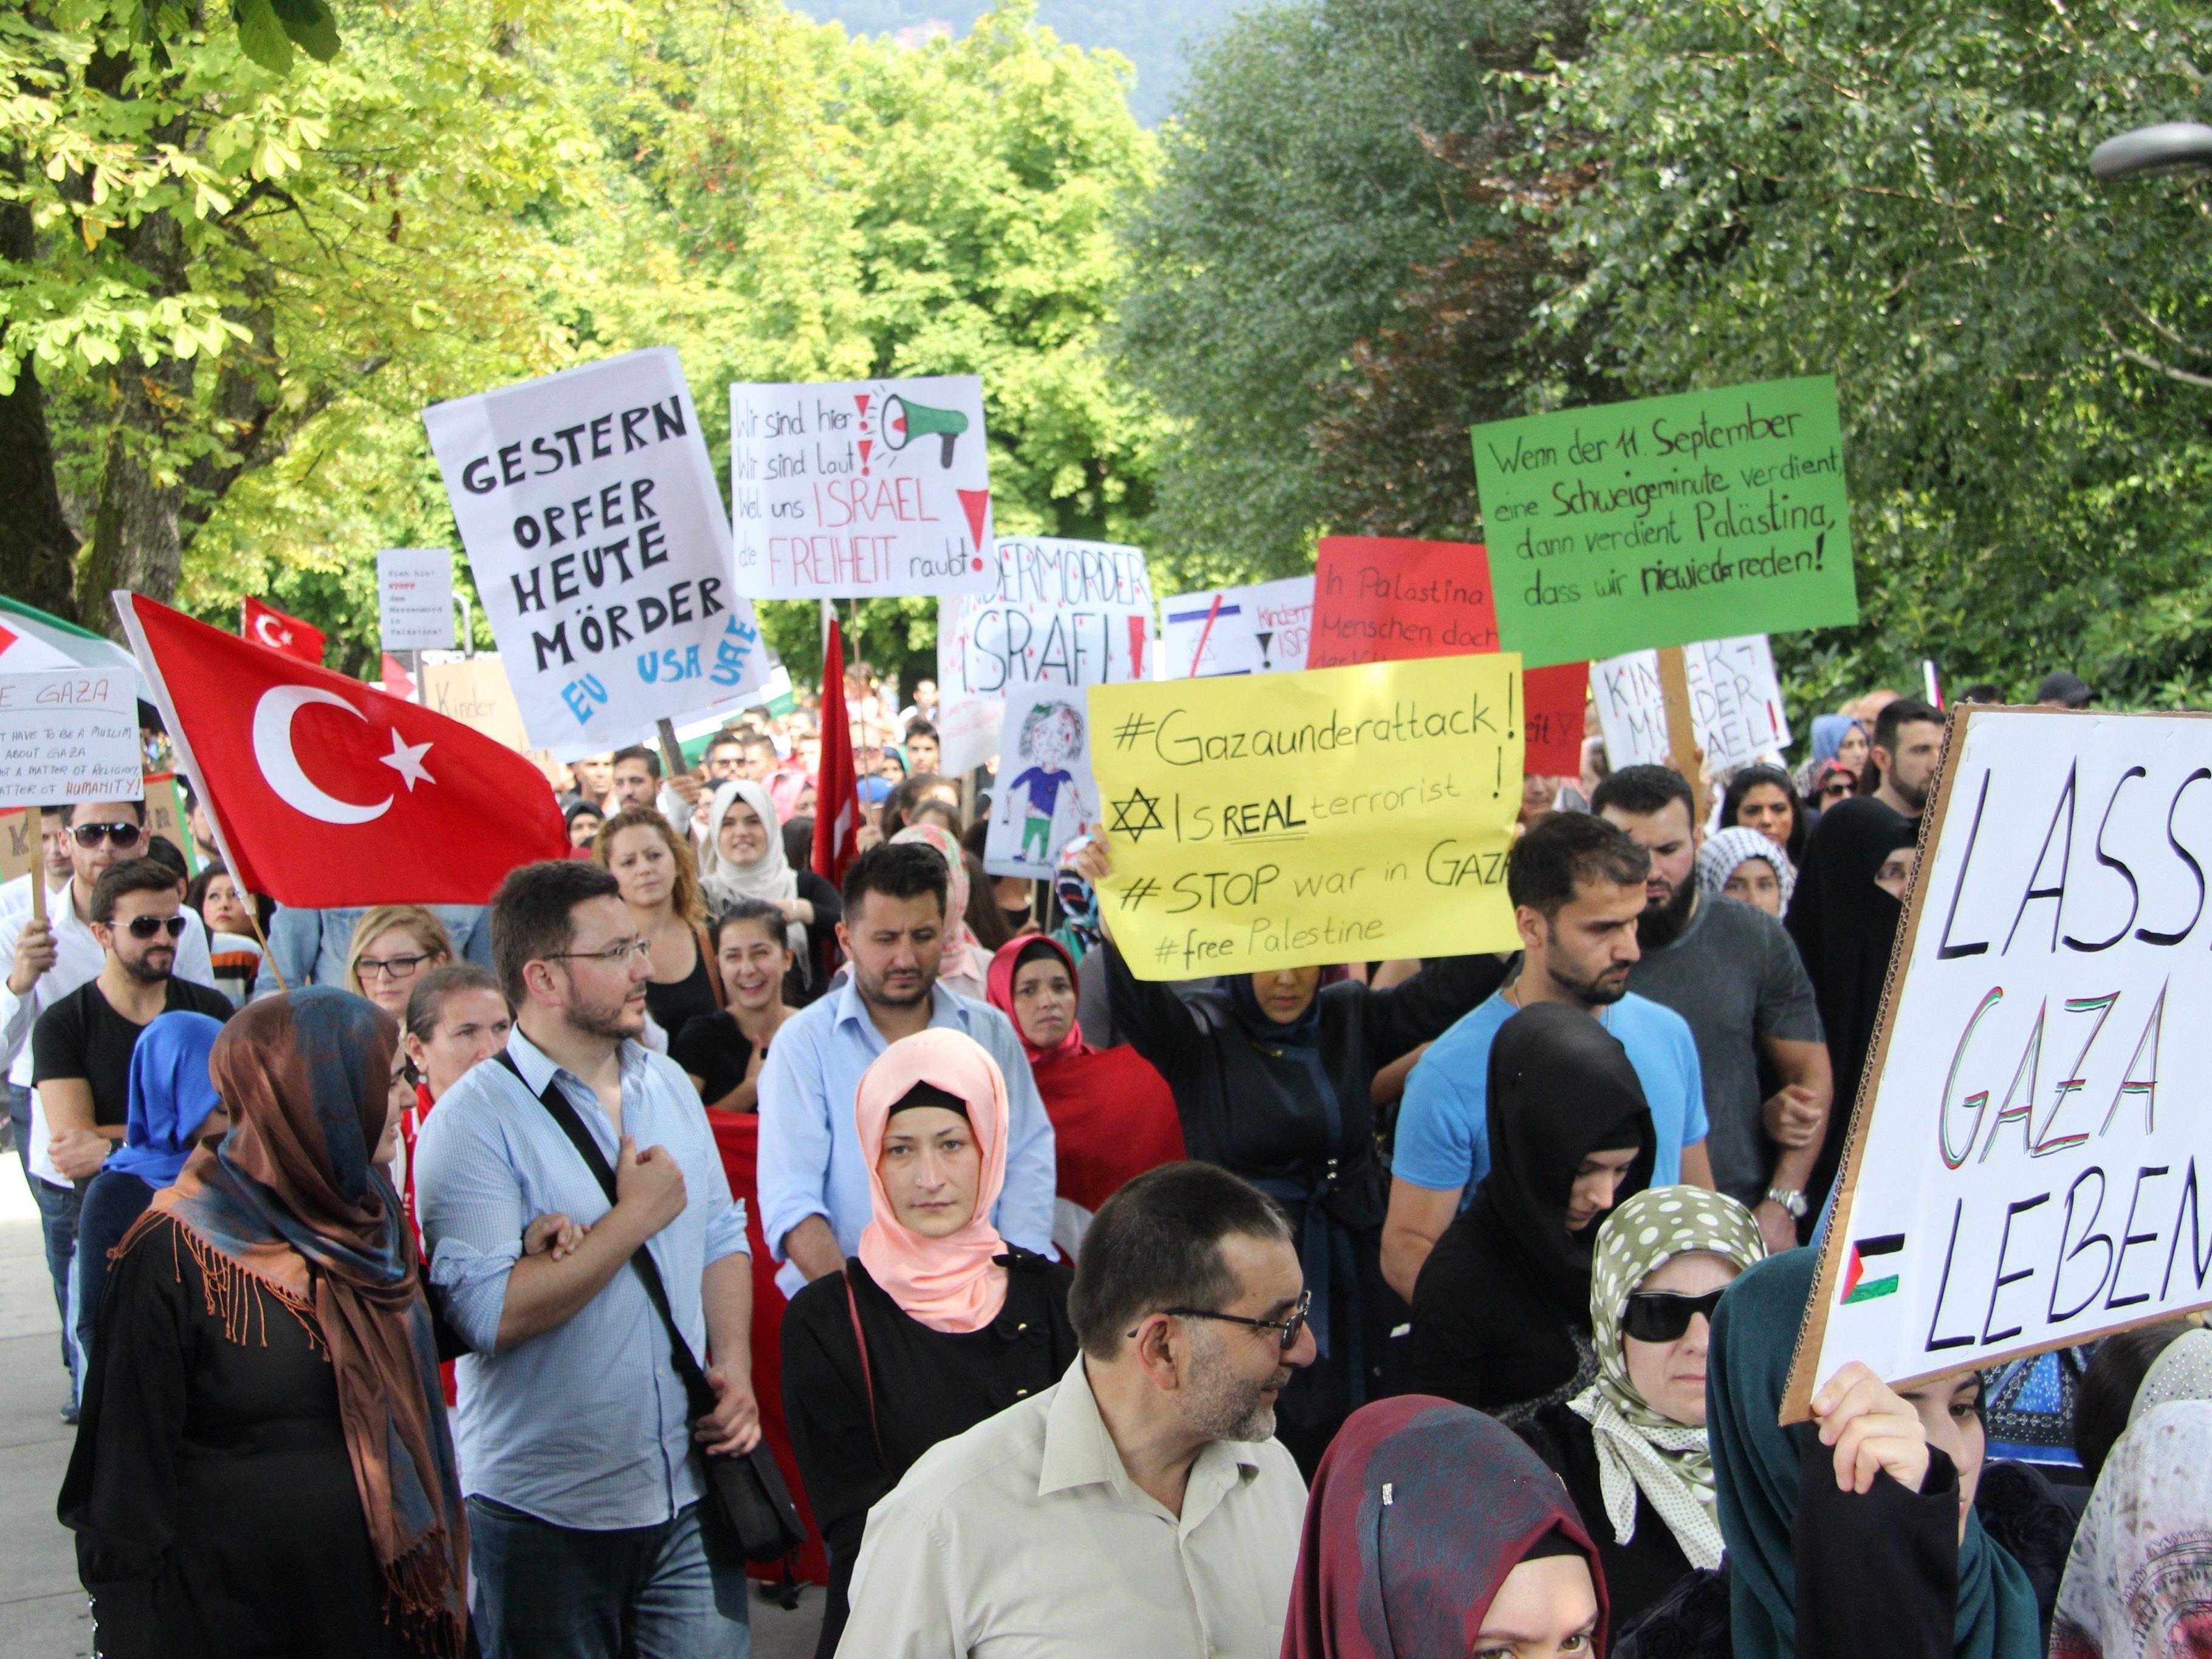 Die pro-palästinensischen Demonstranten bei der Kundgebung in Bregenz.